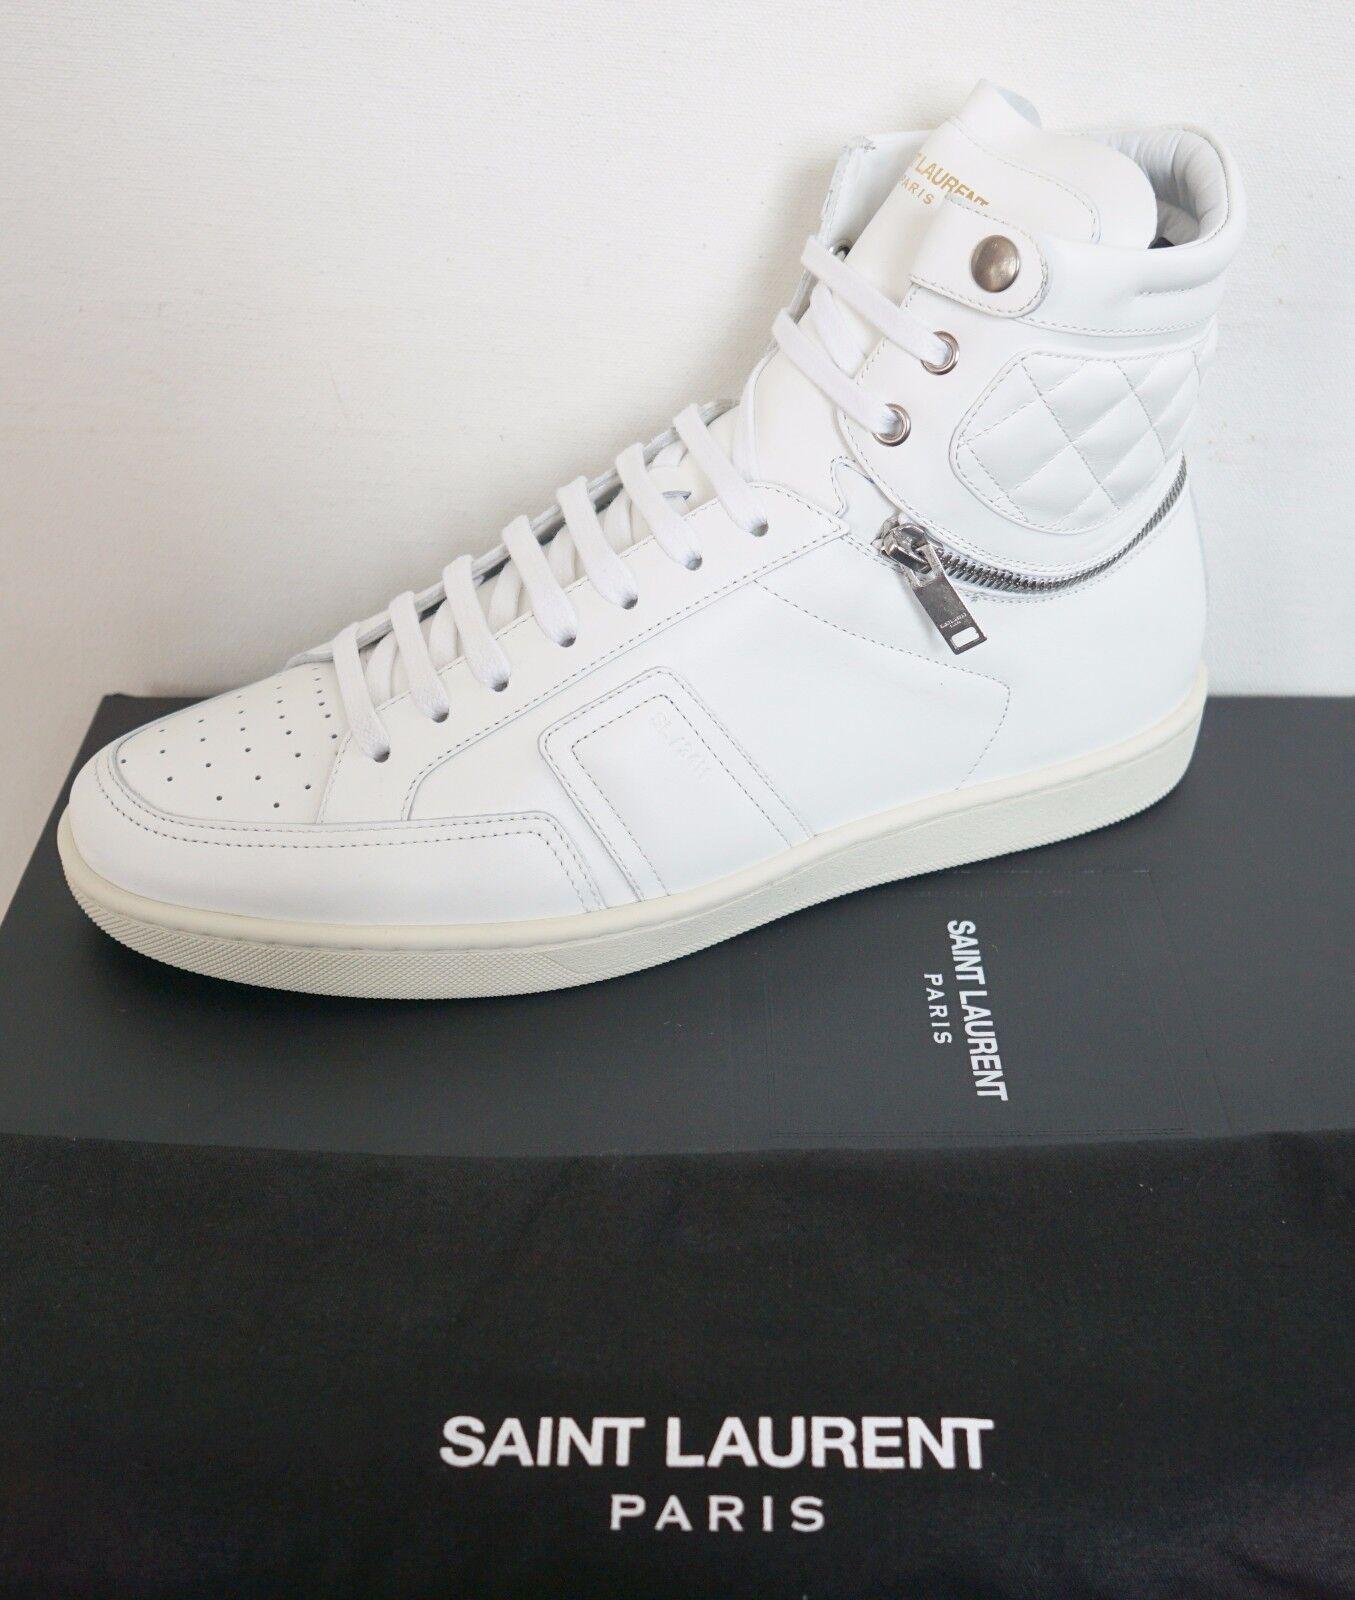 New SAINT LAURENT Paris SL34H Leather MOTOCROSS HIGH-TOP Sneakers EUR-40 US-7